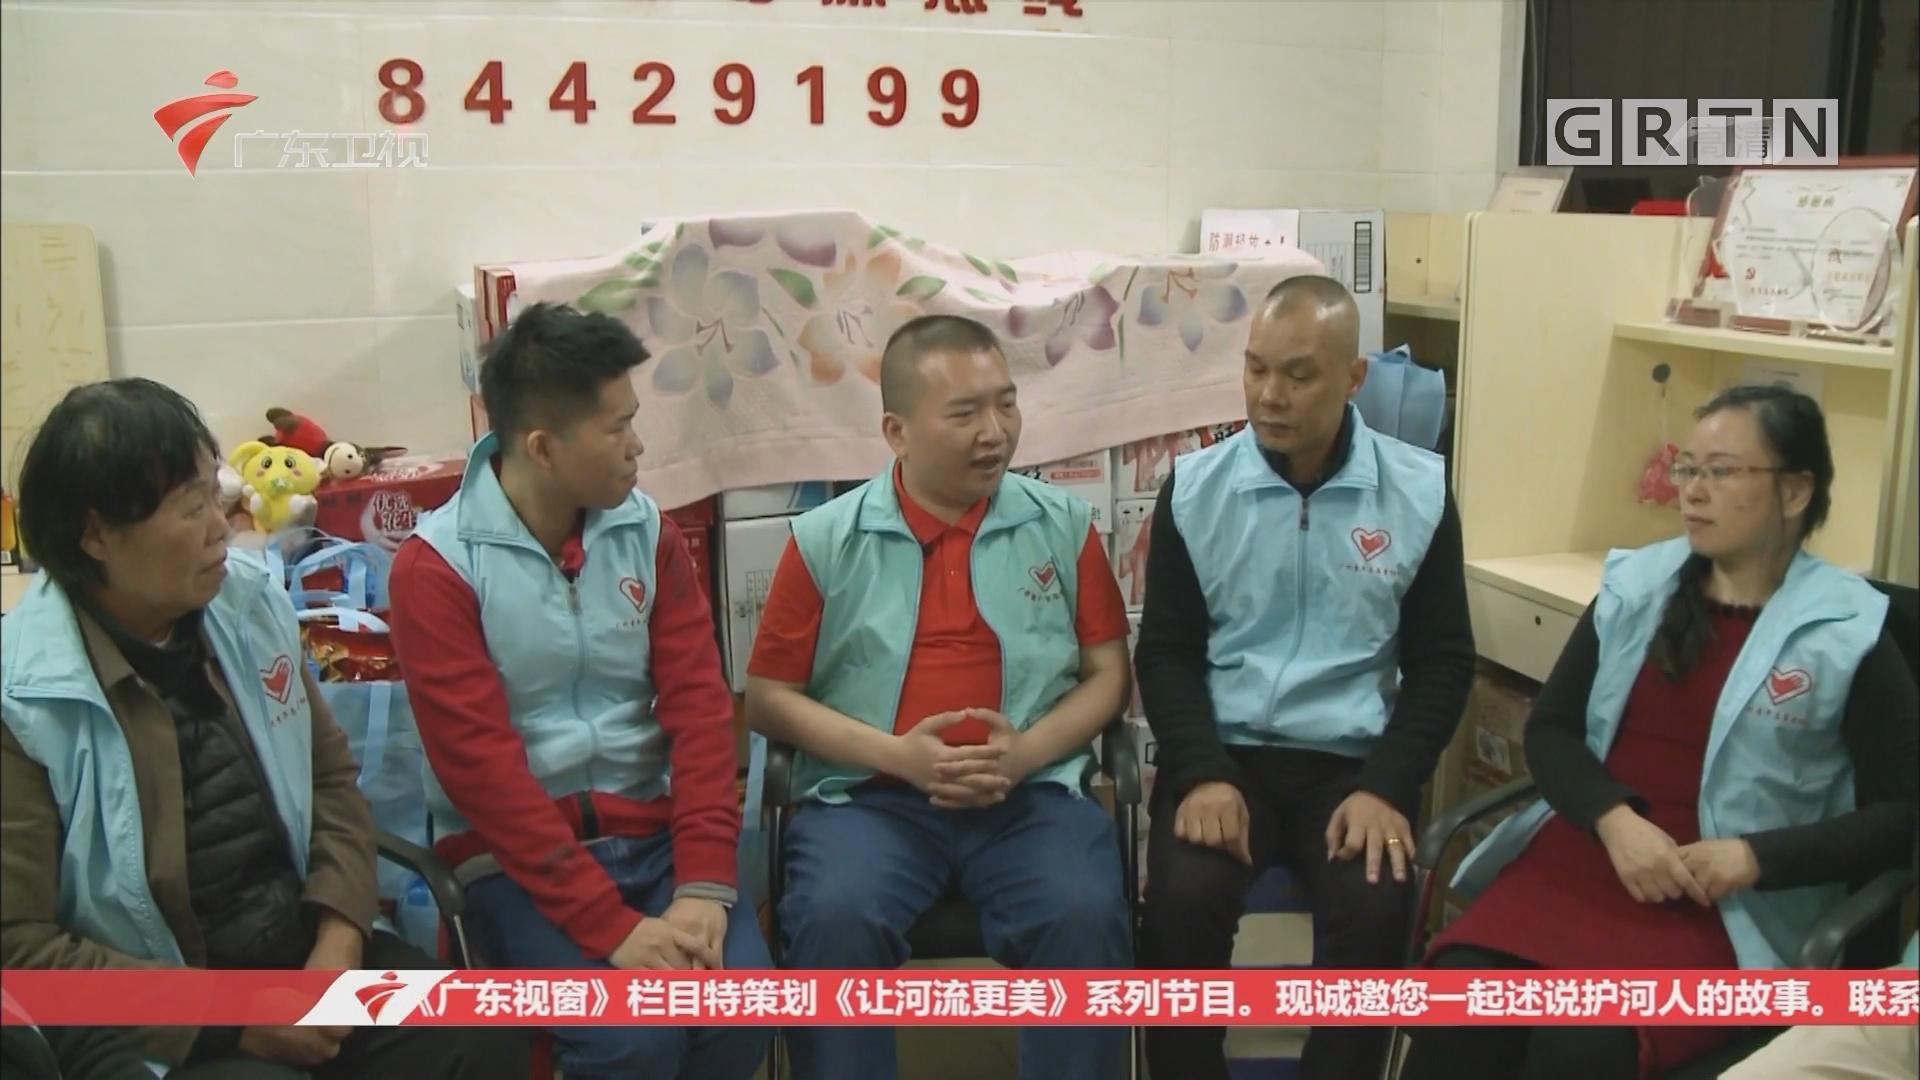 广州:直播改变自己 唱响生命之歌